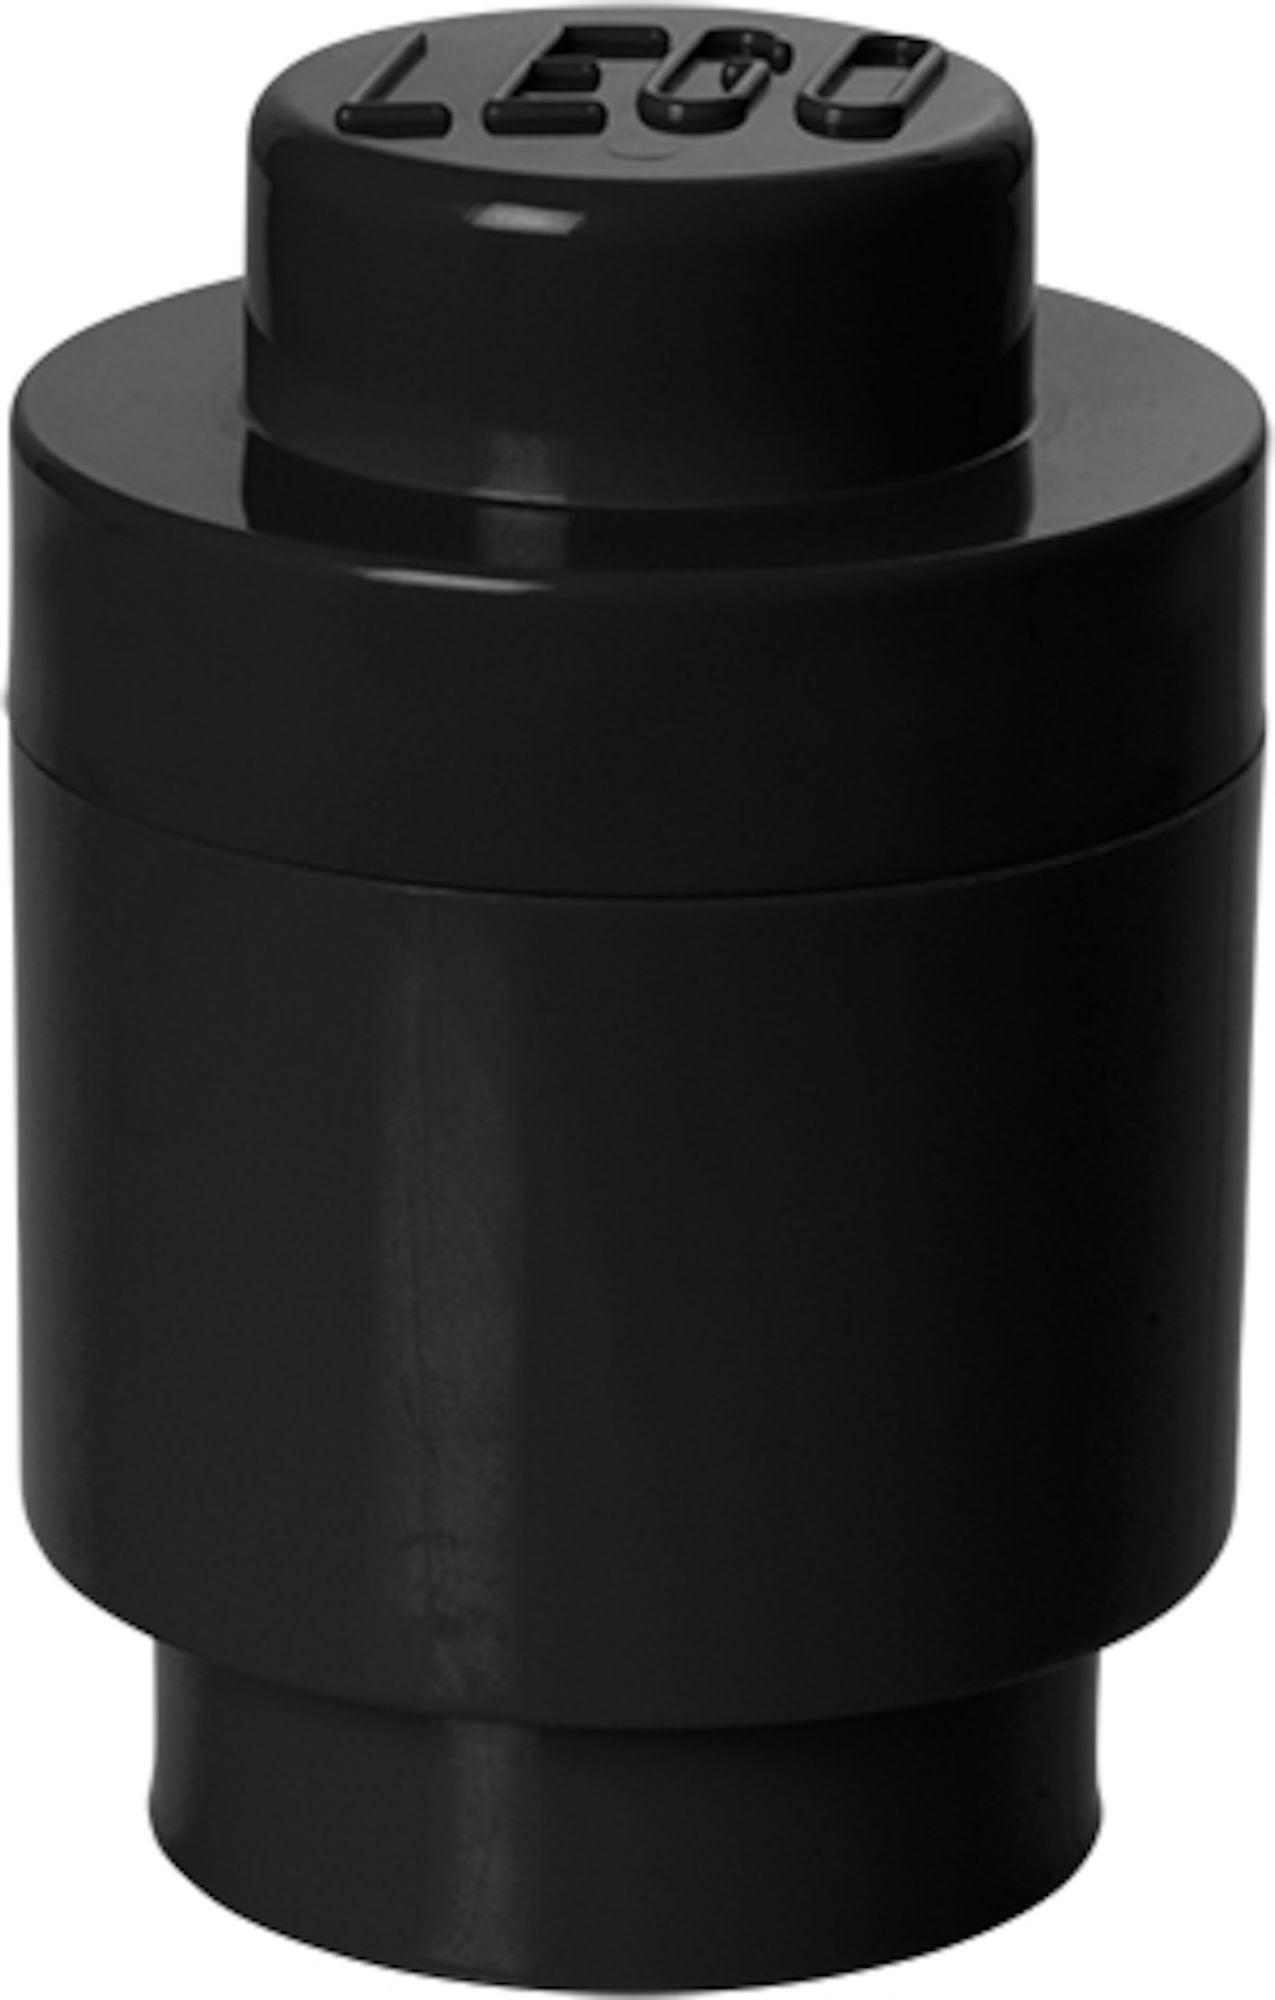 LEGO 1 Pyöreä Säilytyslaatikko, Musta